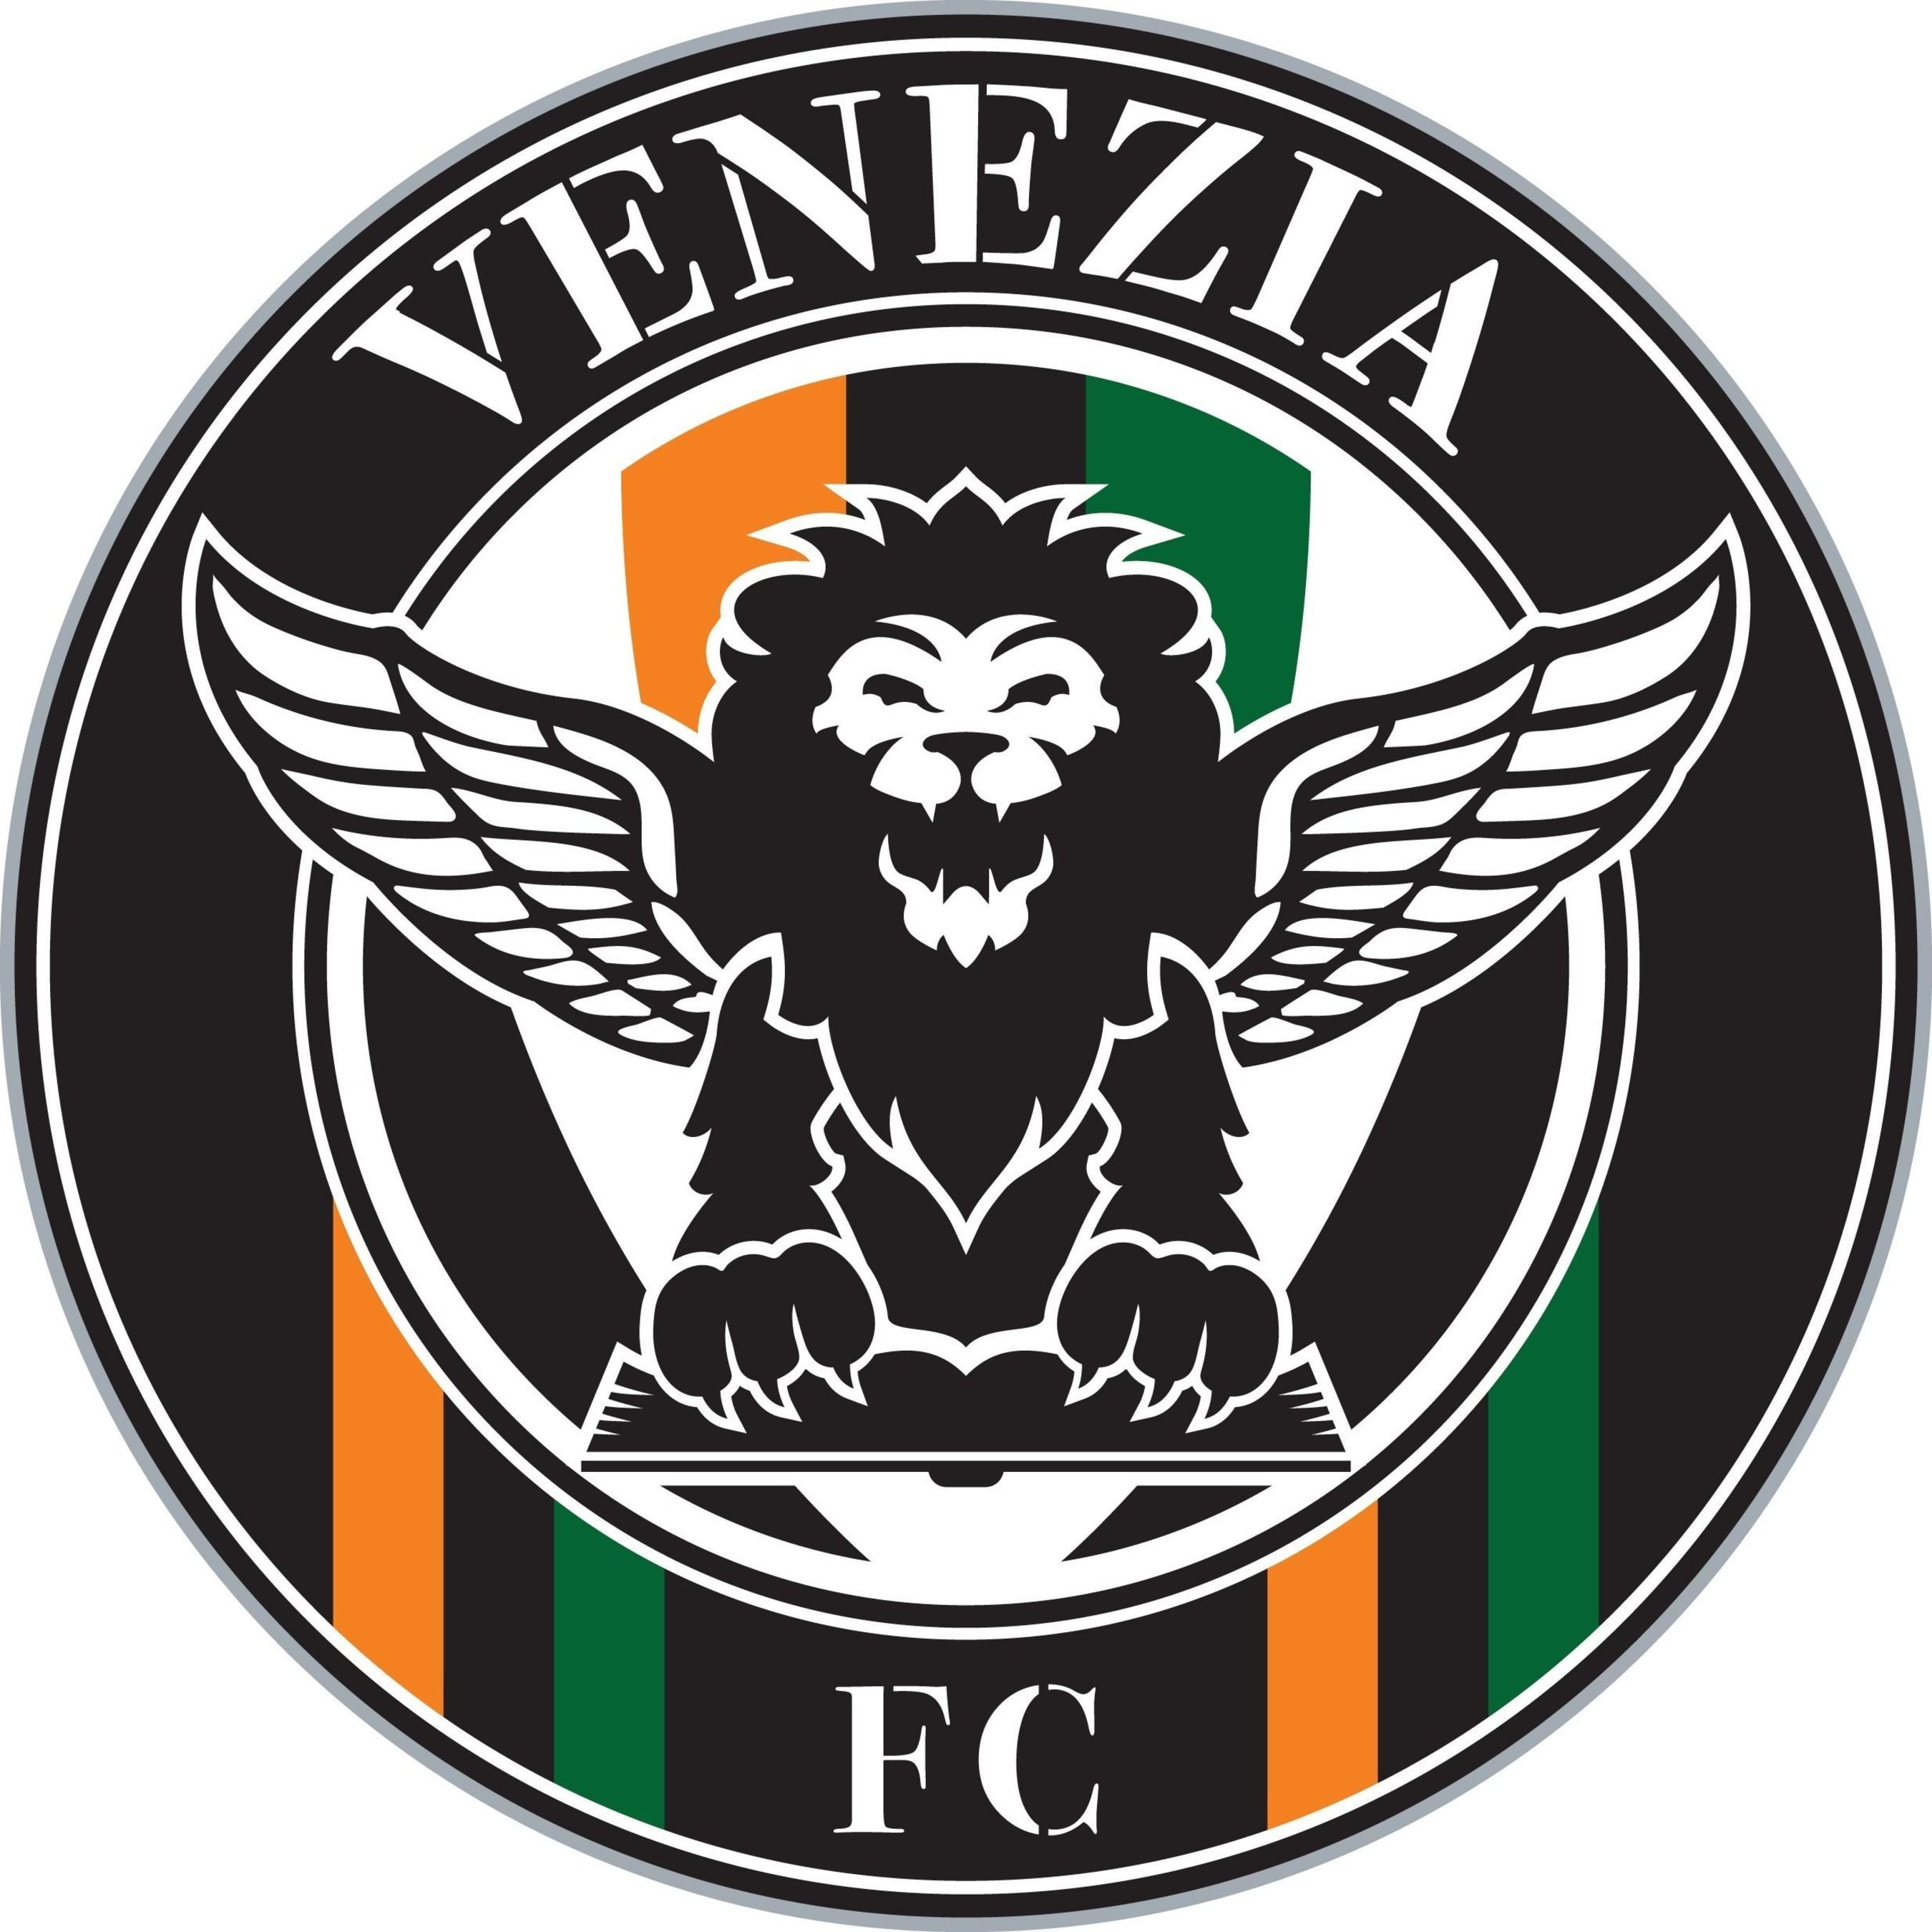 Venezia FC Logo Unveiled